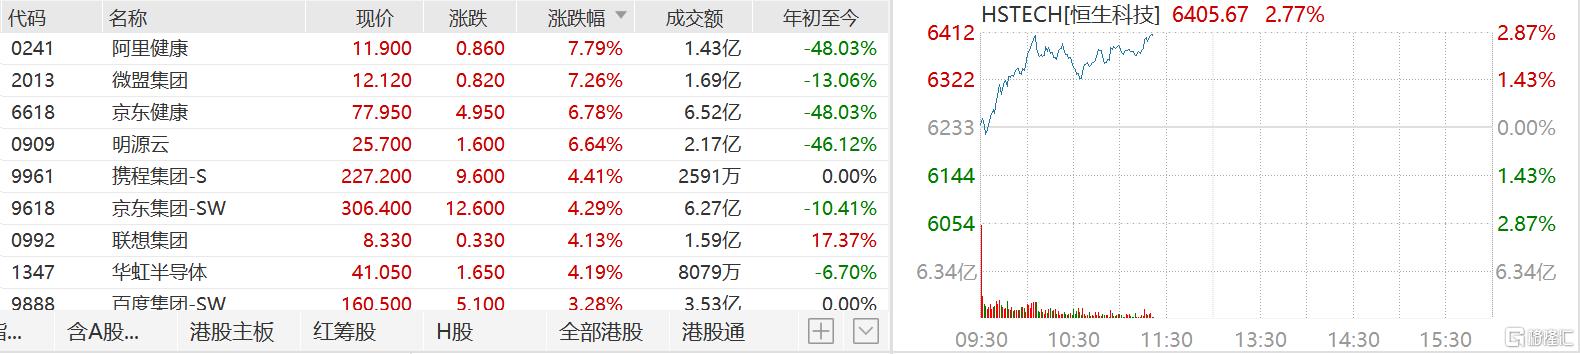 港股科技股进一步走强  阿里健康和微盟集团涨超7%领涨成分股